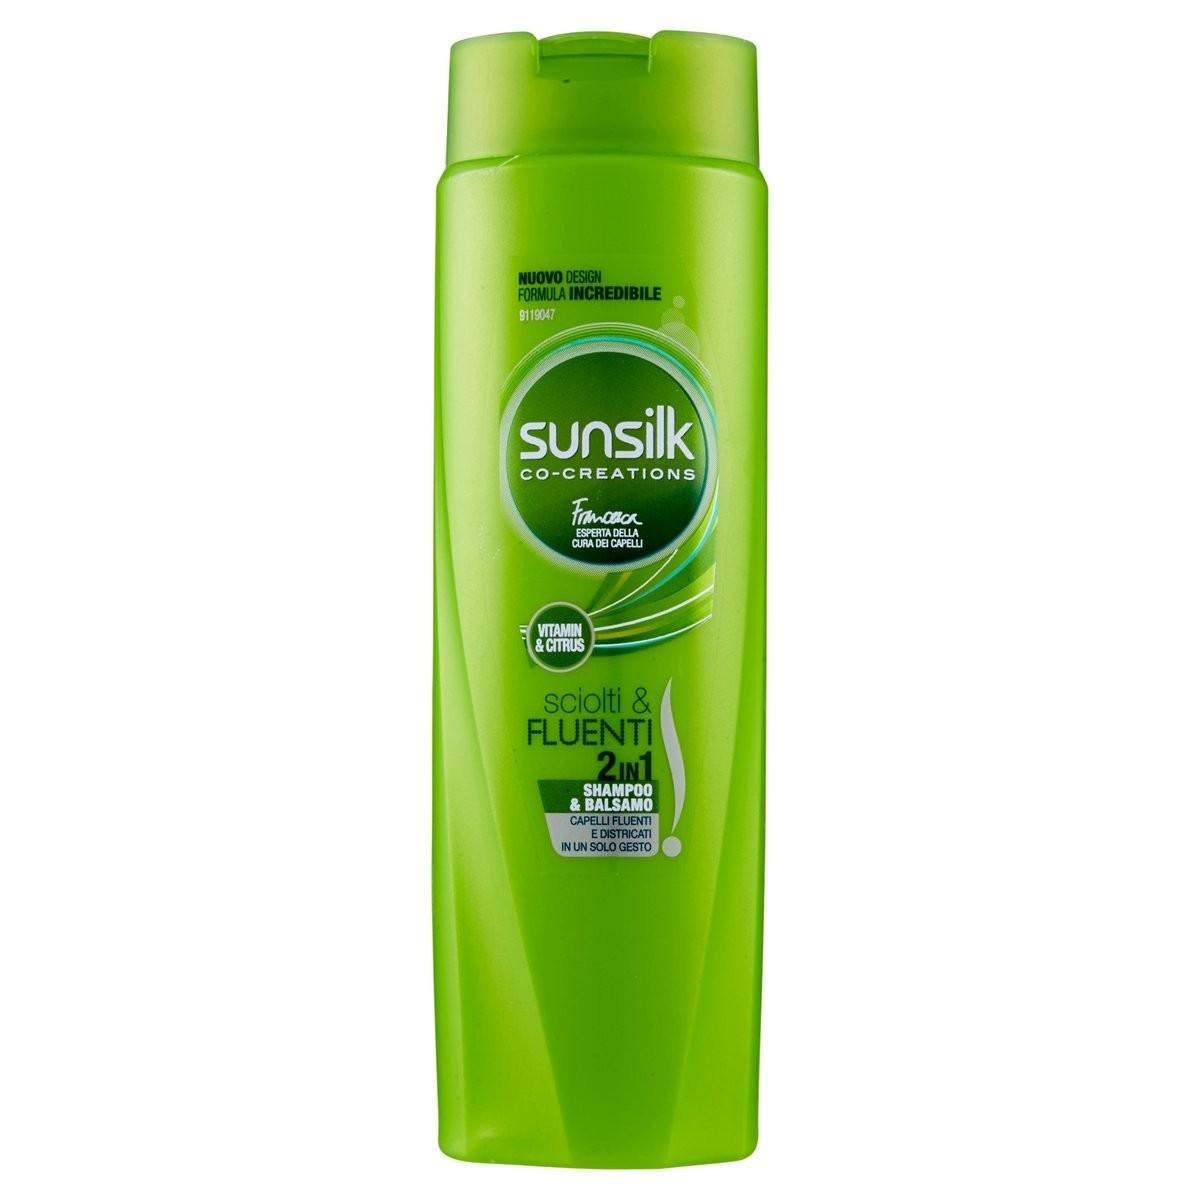 Sunsilk Shampoo & Balsamo 2in1 Sciolti e Fluenti